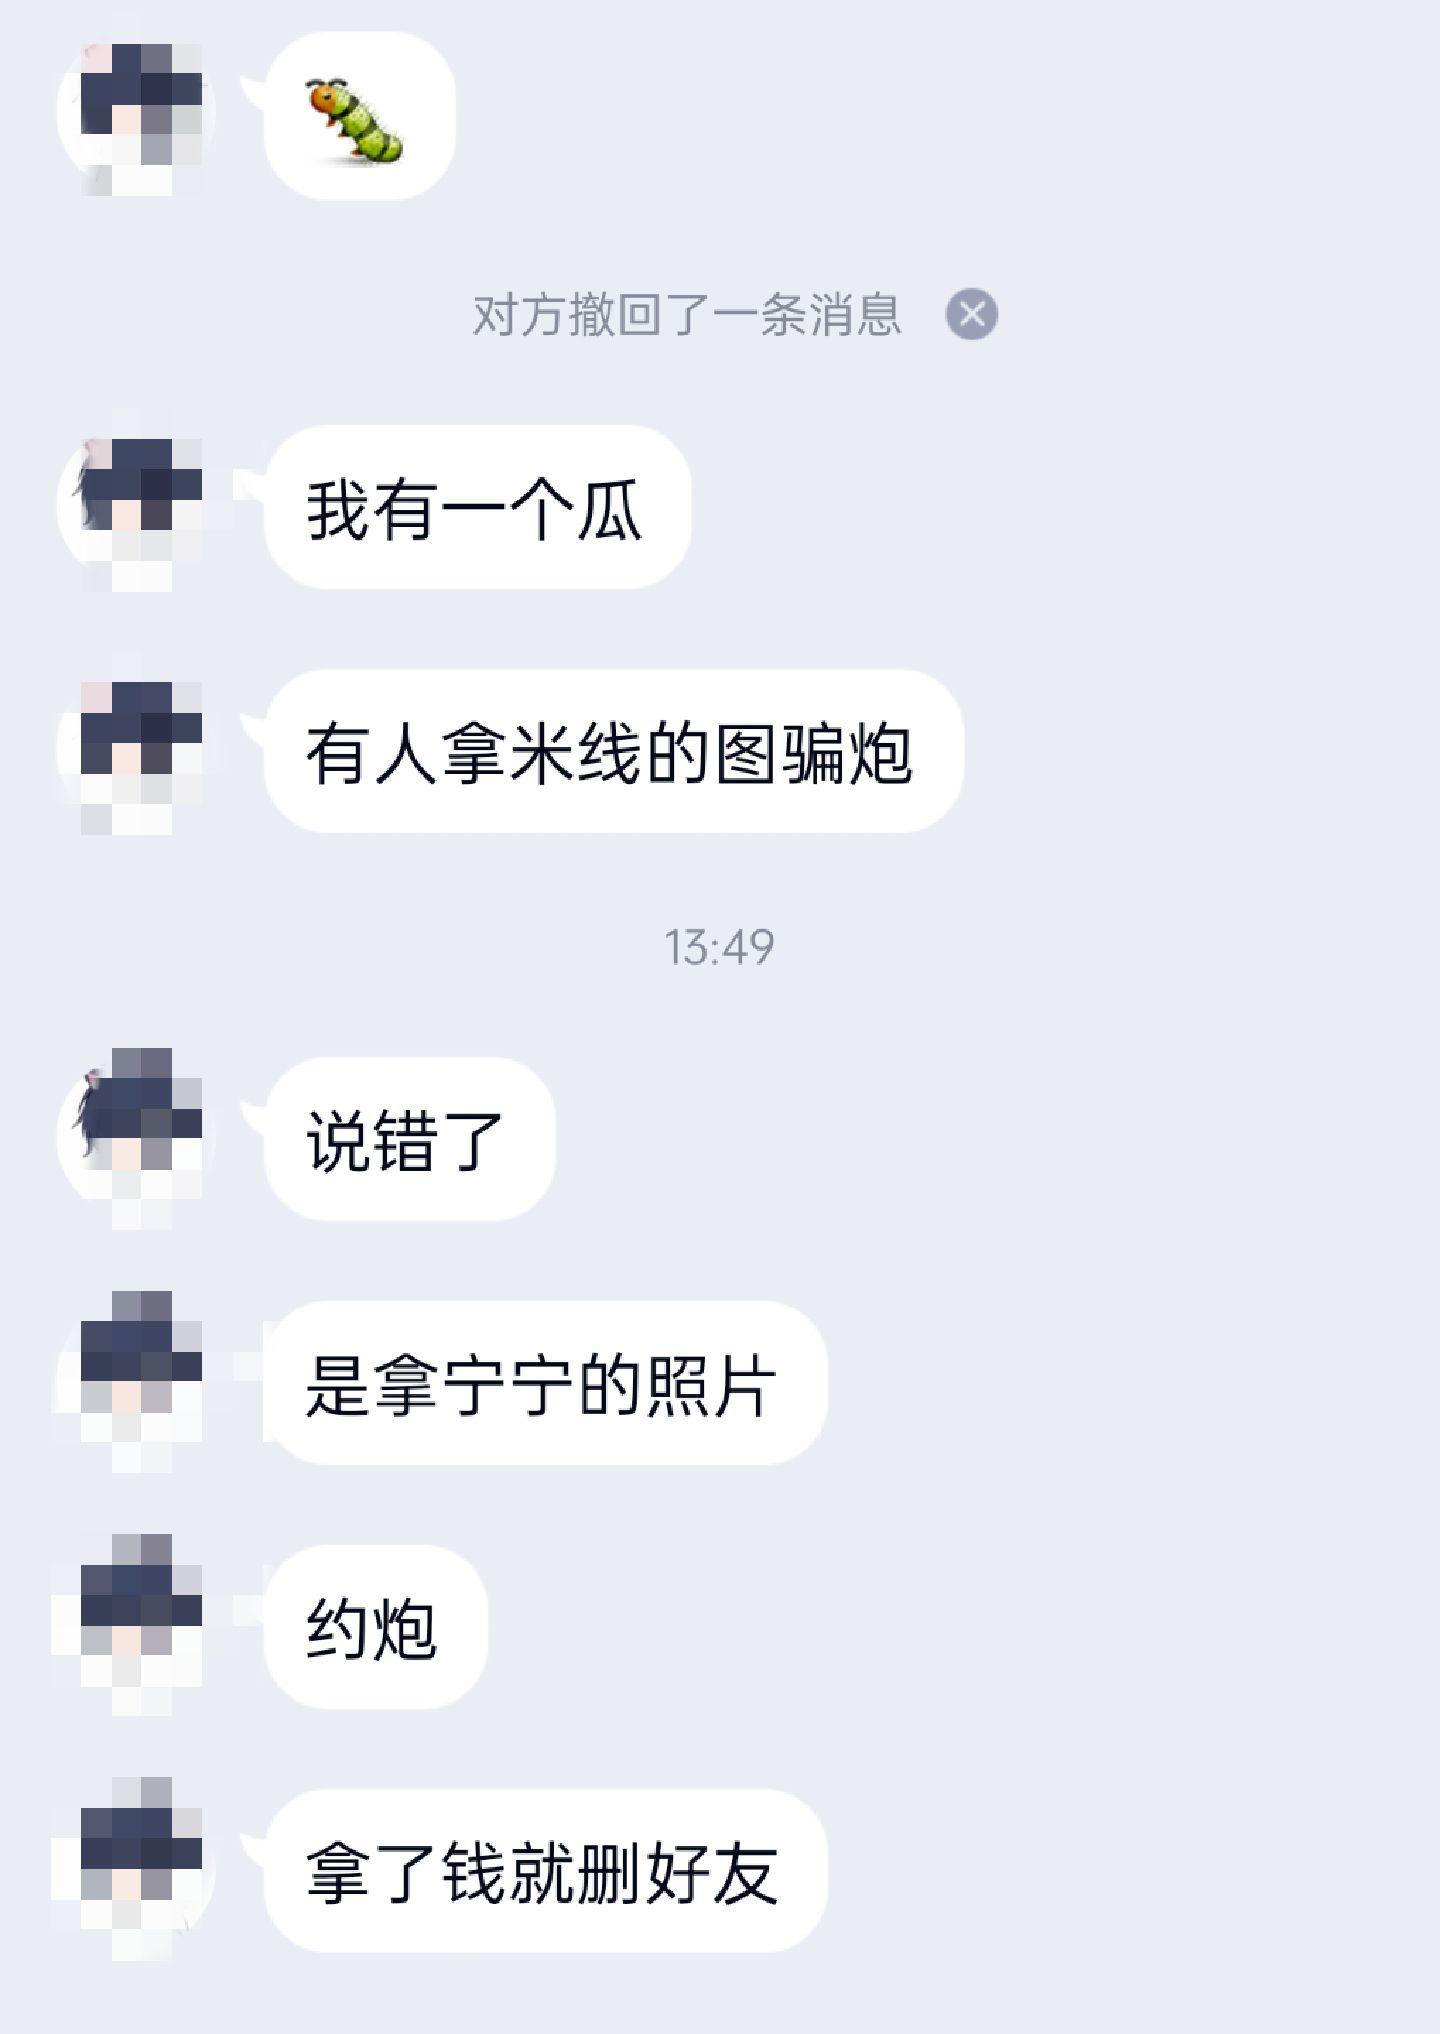 抠脚大叔利用宁宁福利姬图片钓了Lsp999大元,钱到删好友!-极速屋